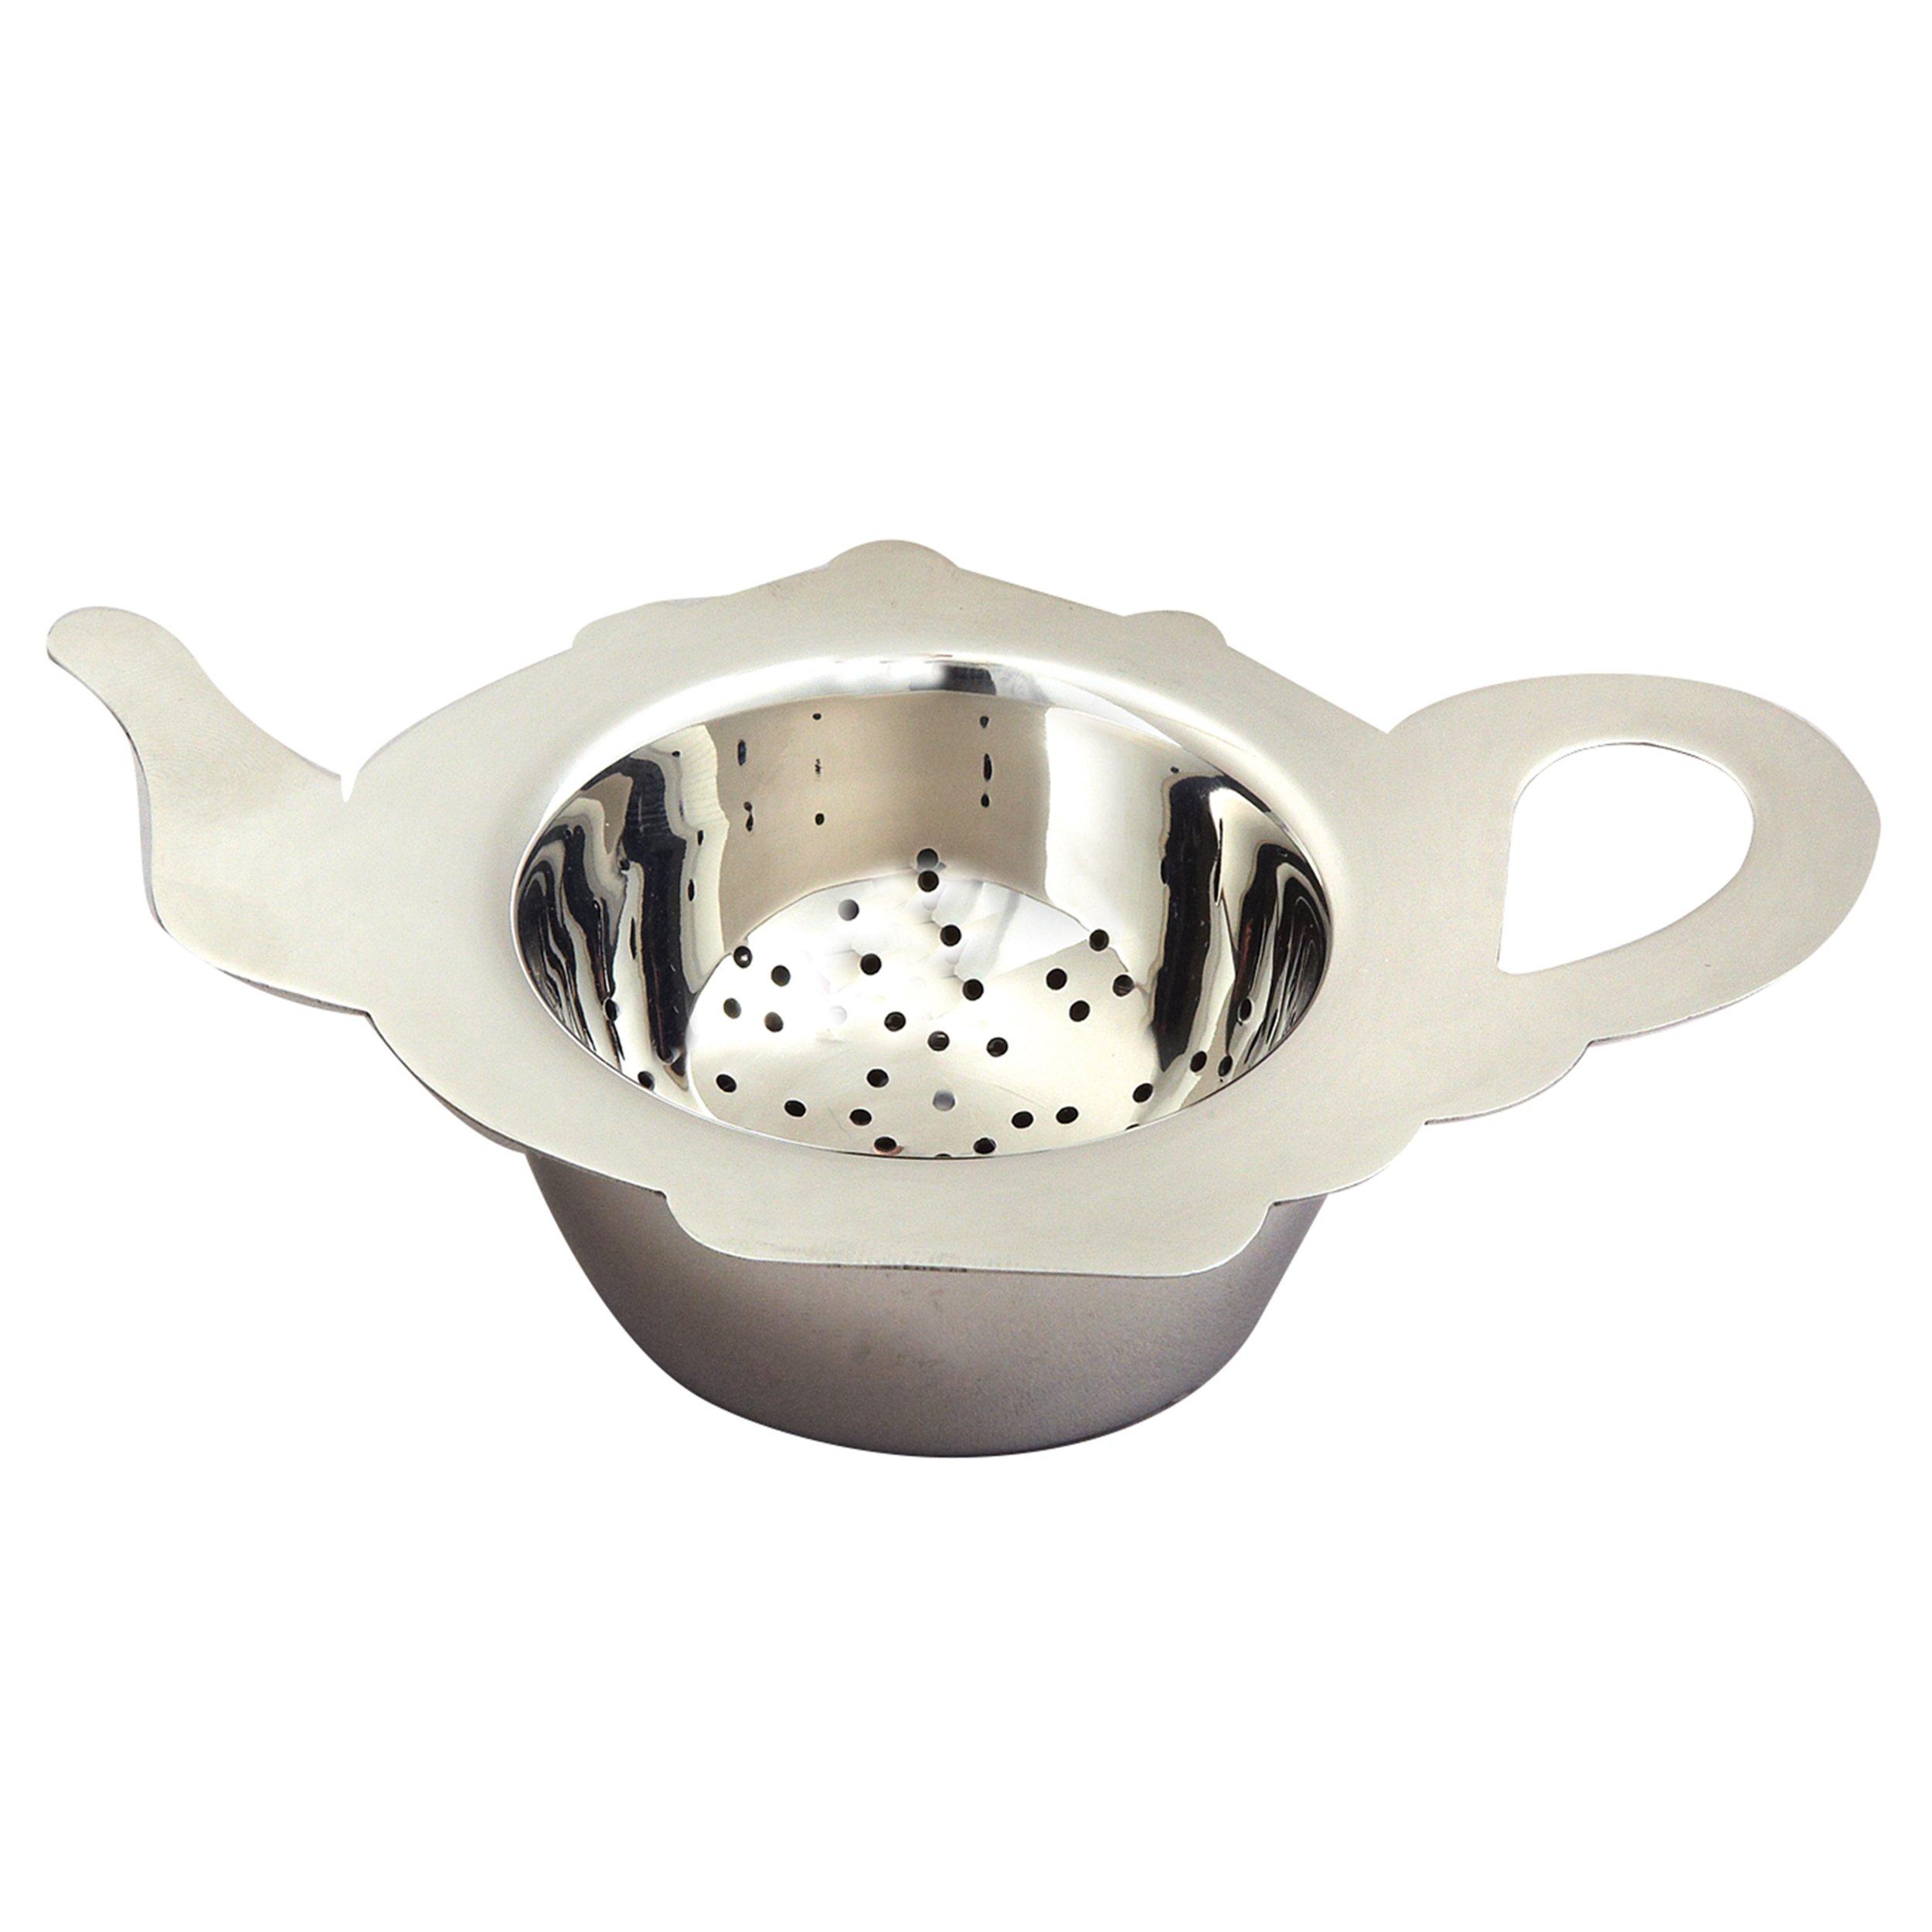 Elegance Stainless Steel Tea Strainer